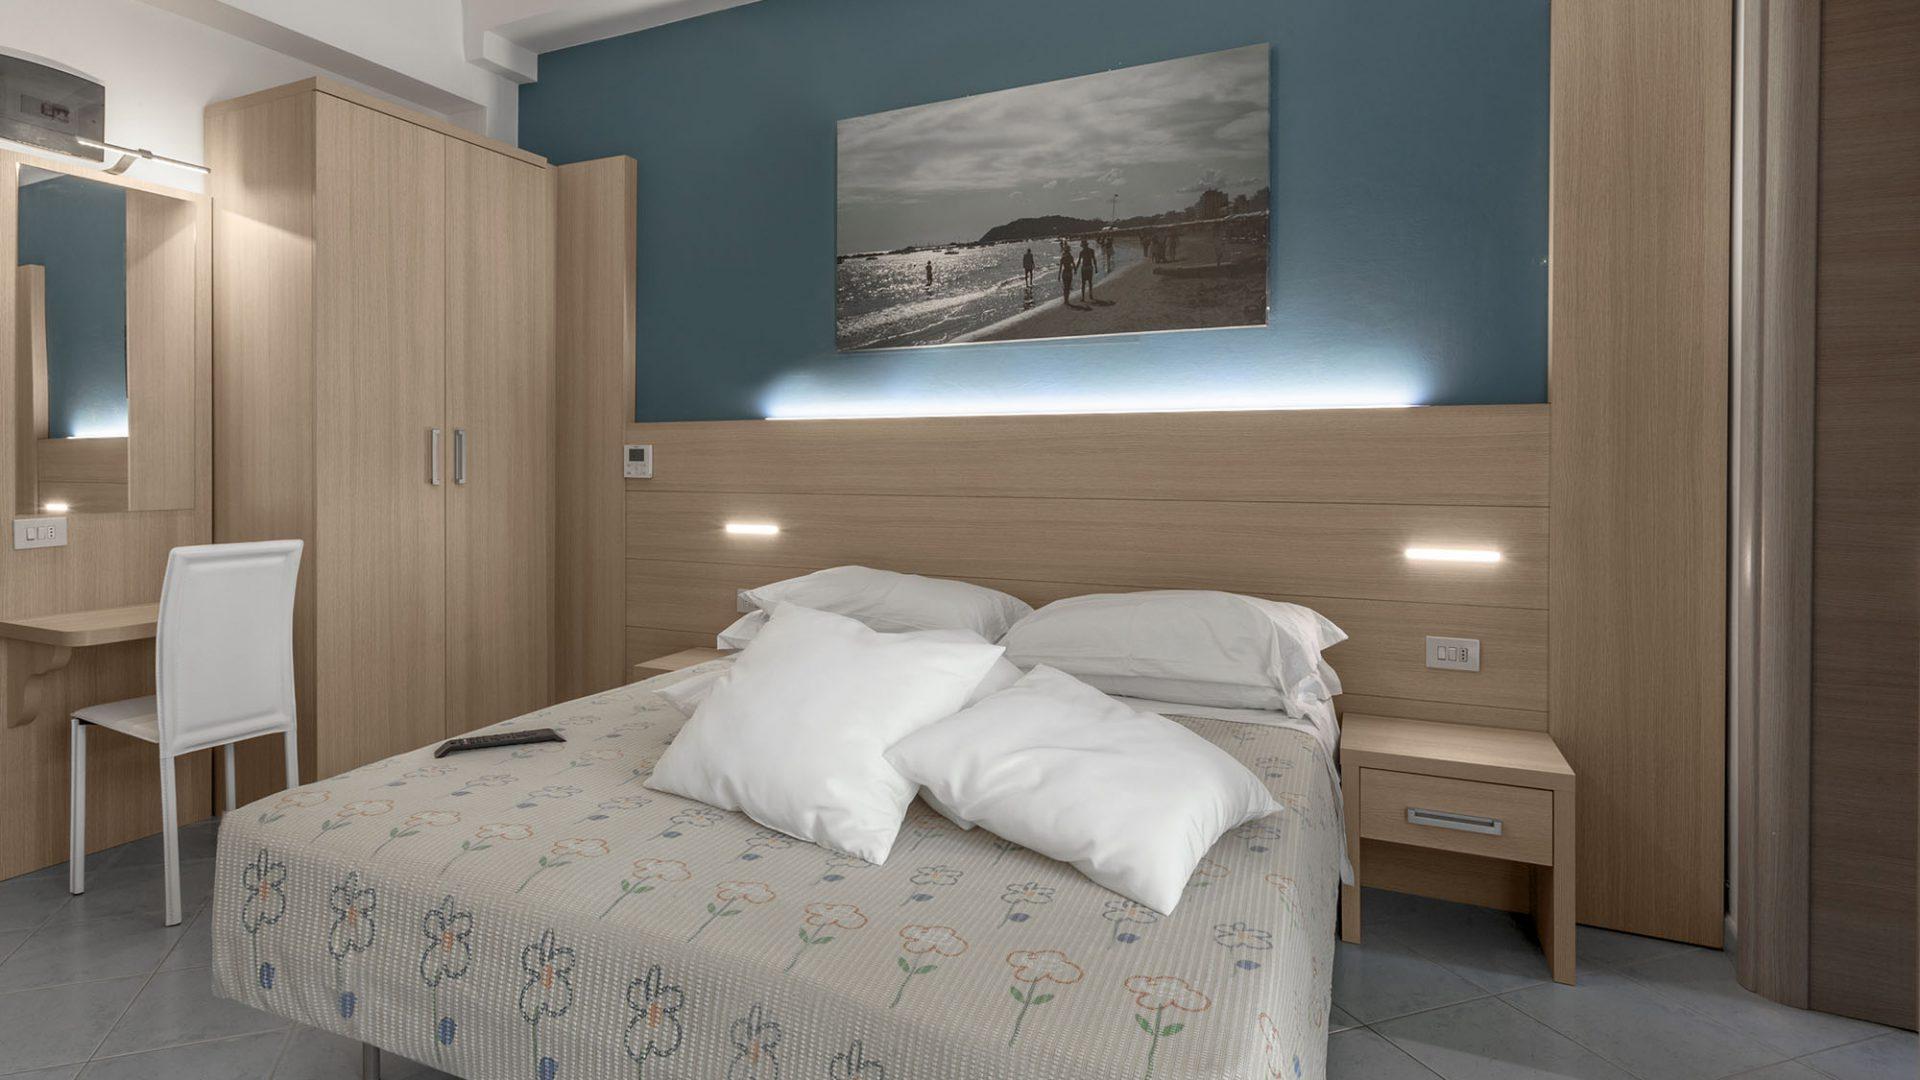 Esperia Hotel Cattolica - camera